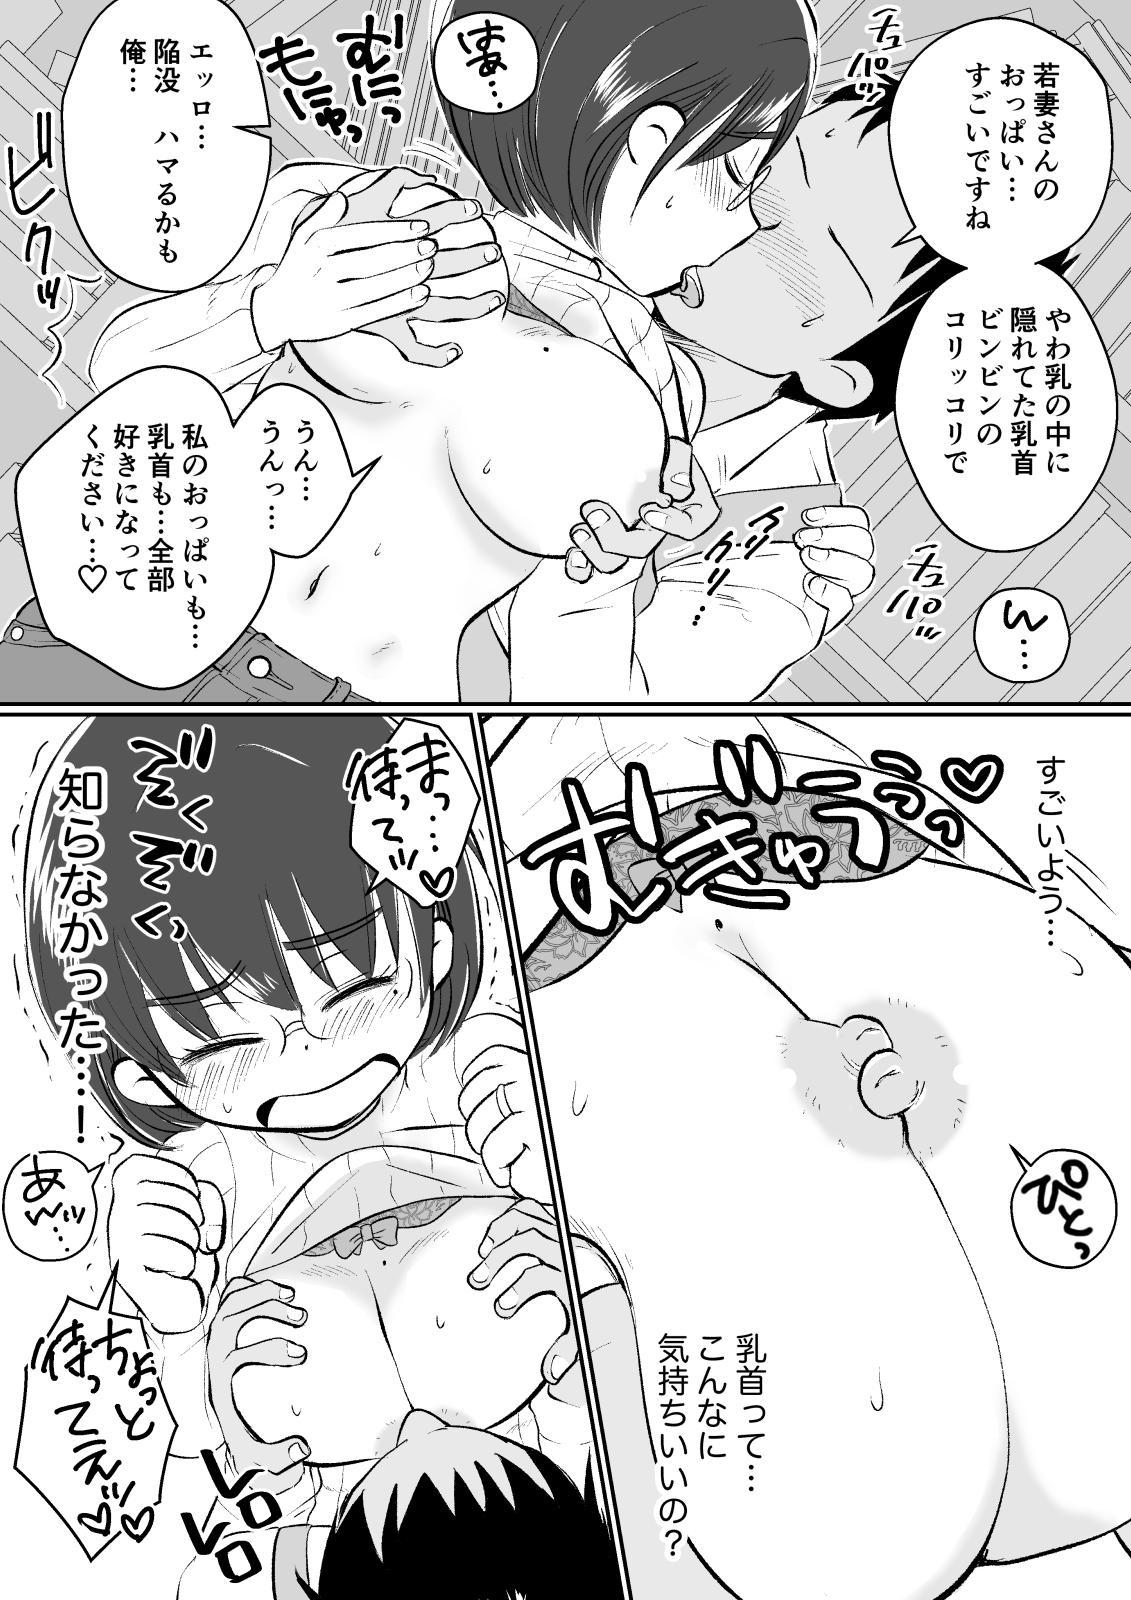 [Megitsune Works] Wakazuma-san wa Yokkyuu Fuman! Akogare no Shisho no Wakazuma-san ga Gakusei Beit no Boku no Fudeoroshi o Shite kuremashita. 29